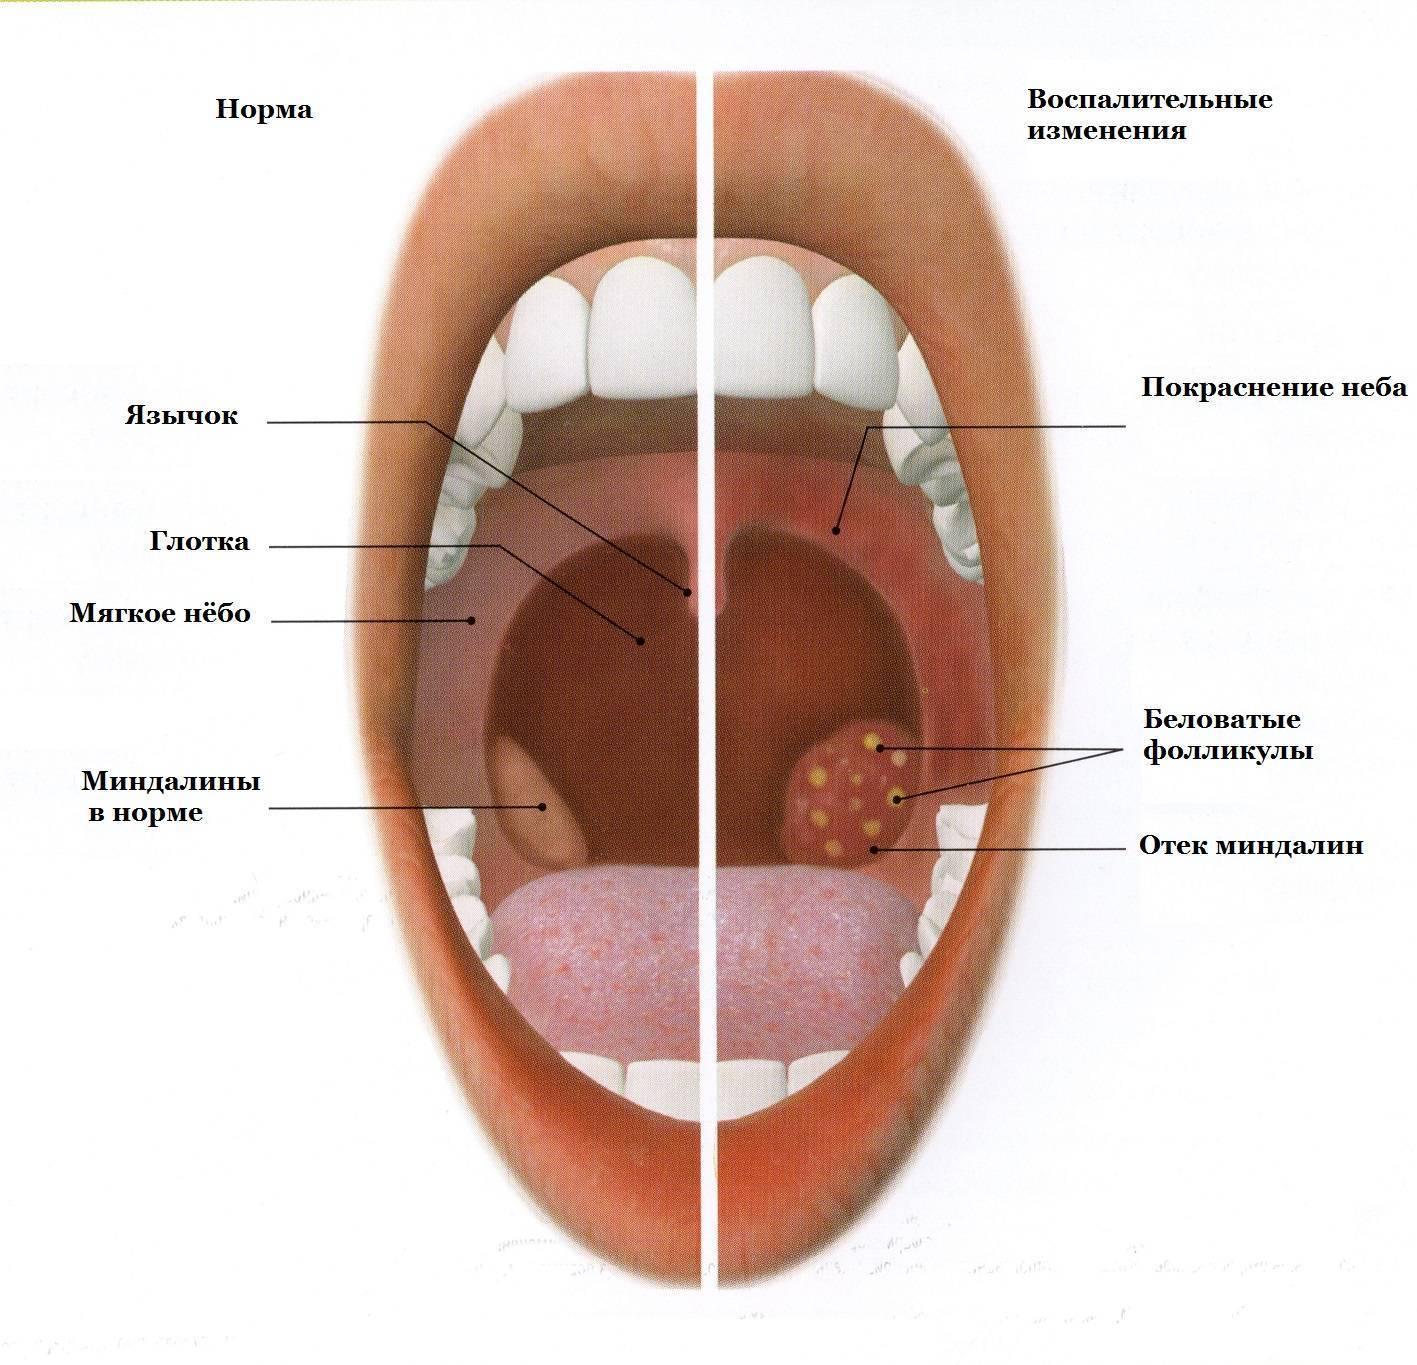 Симптомы и лечение хронического ларингита у взрослых